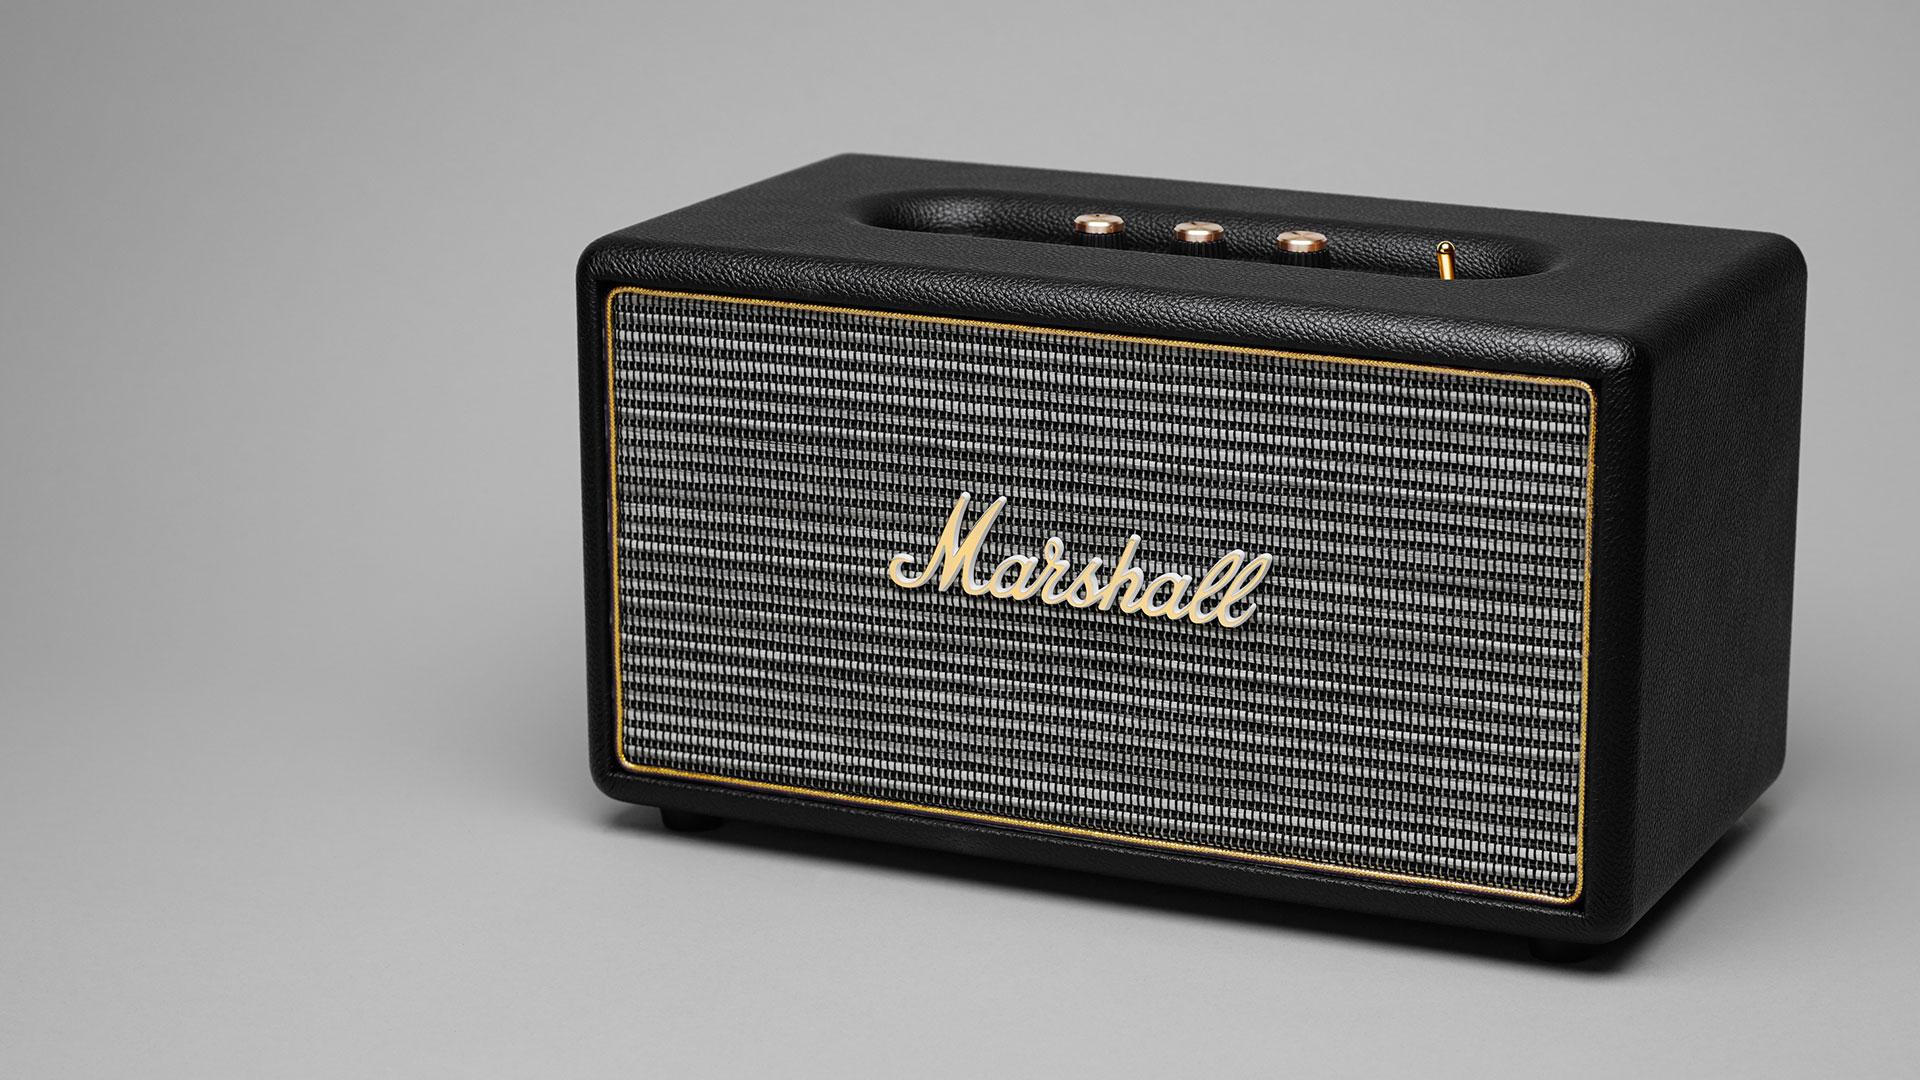 [eBay] MARSHALL Lautsprecher Stanmore BT, black